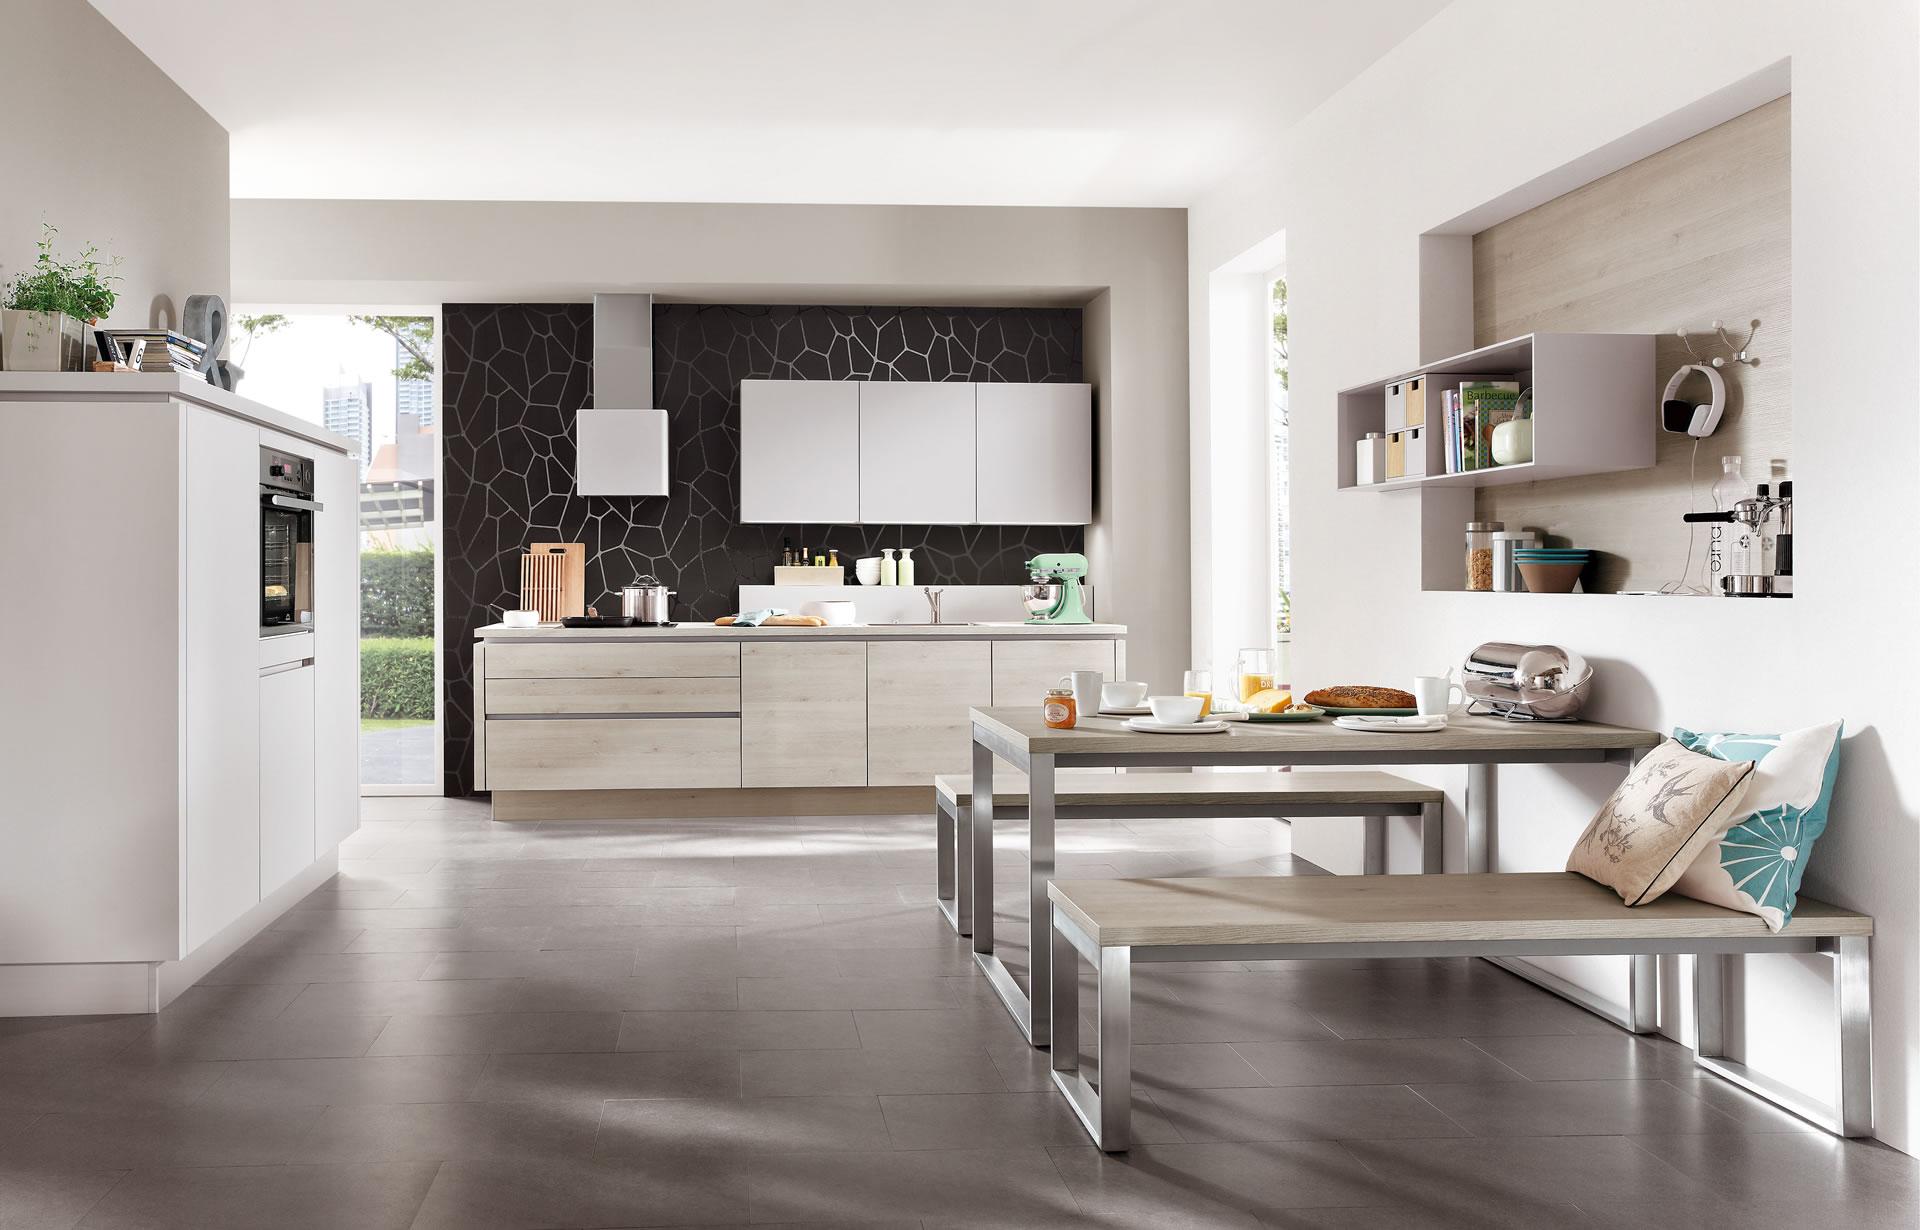 Nobilia küchenschränke nachbestellen  nobilia - küchen brügge. moderne kuche design ideen nobilia werke ...